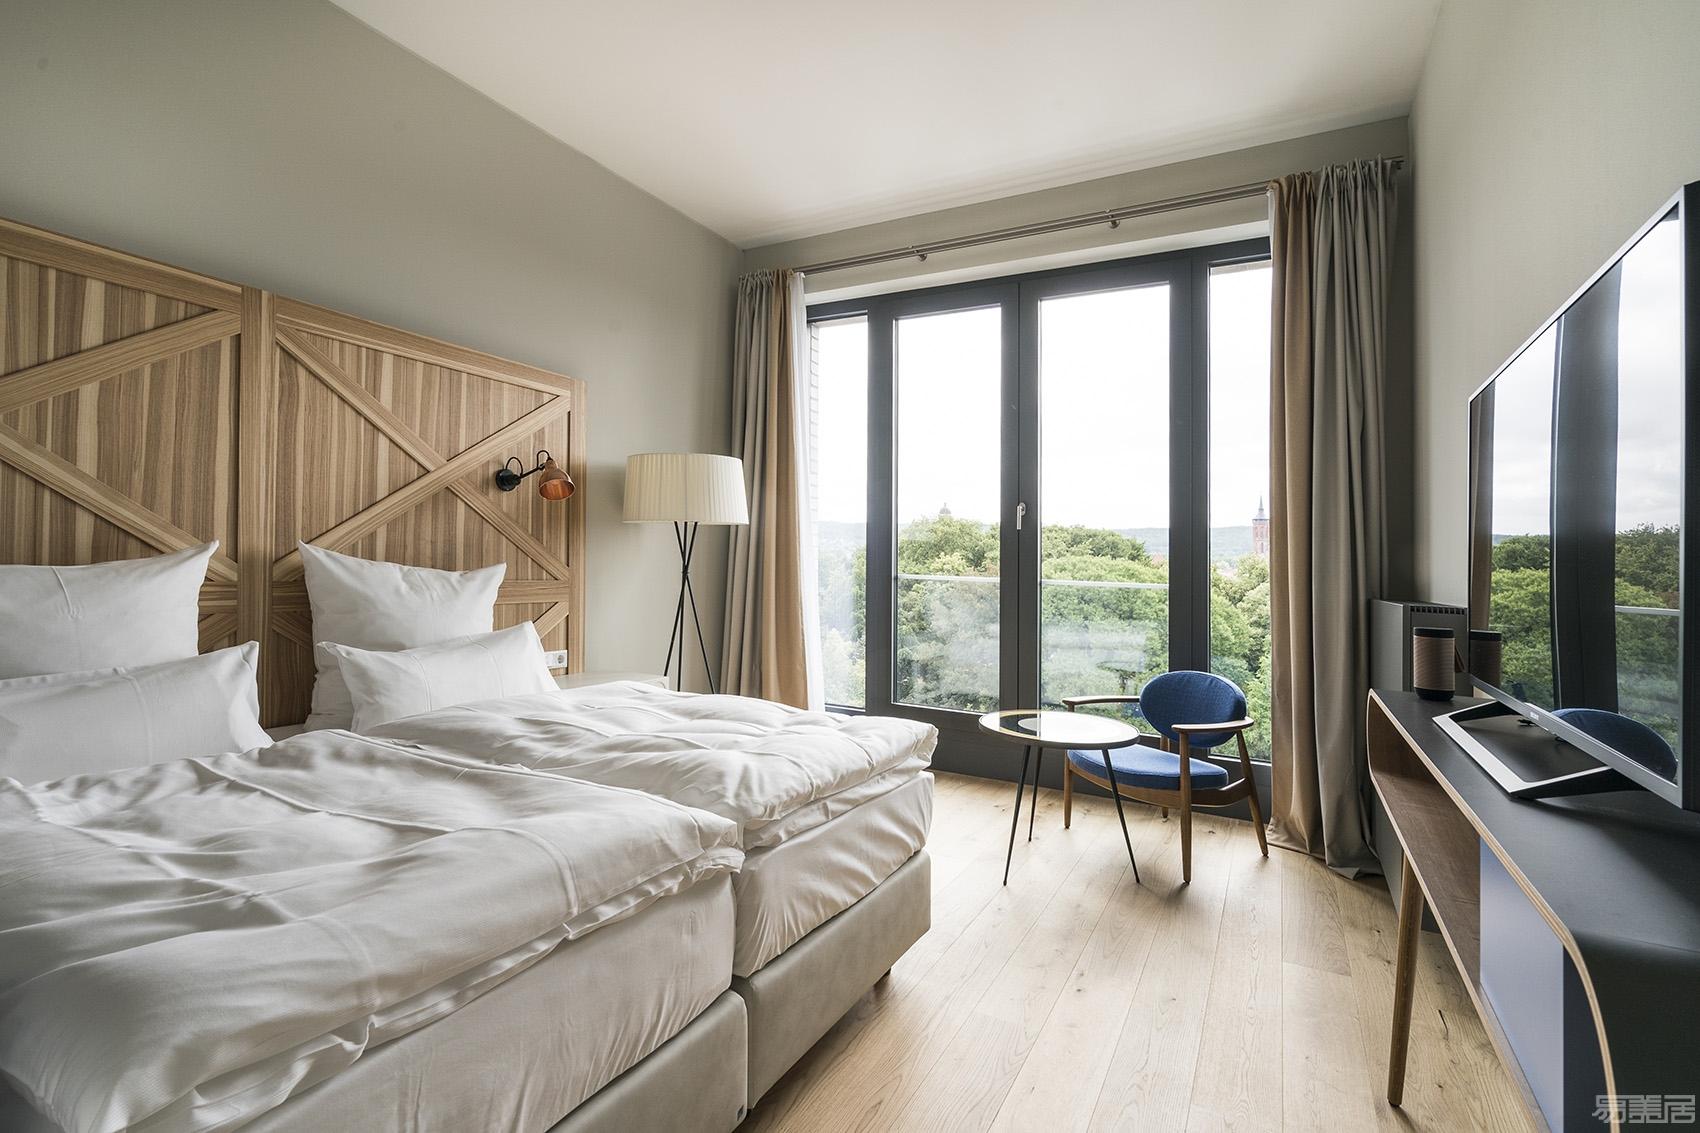 008-hotel-freigeist-gottingen-by-ahrens-grabenhorst-architekten-frank-kassner.jpg